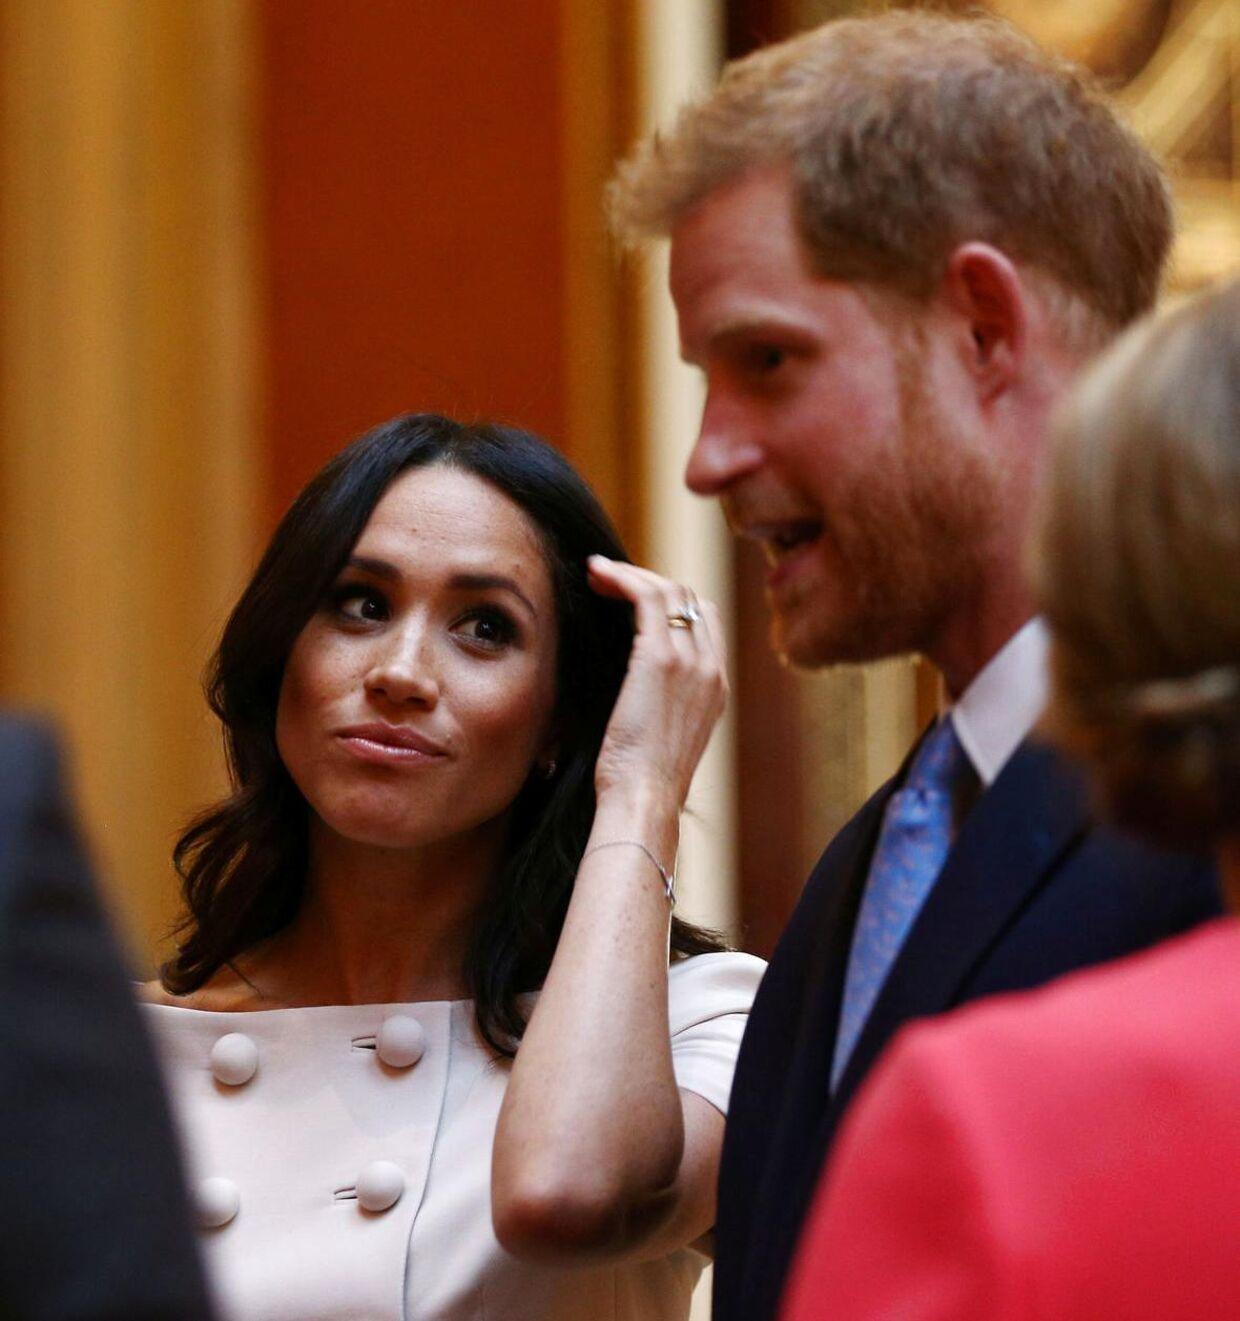 Parret deltog den 26. juni i en reception på Buckingham Palace, hvor Meghan Markle forsøgte at fiske efter prins Harrys hånd, dog uden held.